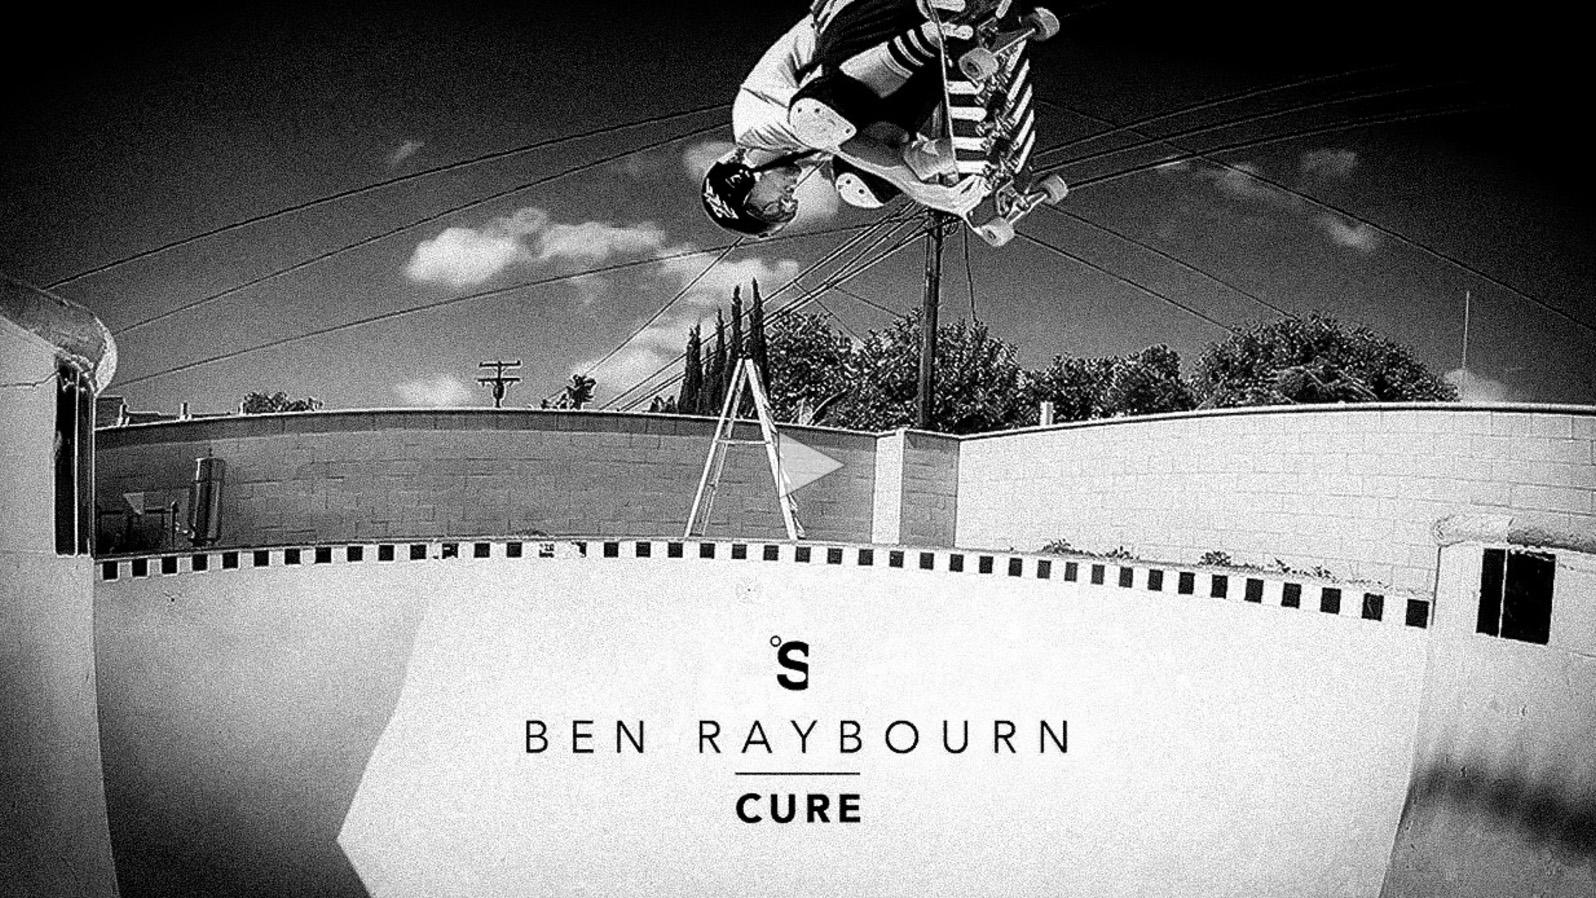 tsm_raybourn-cure_cp.jpg